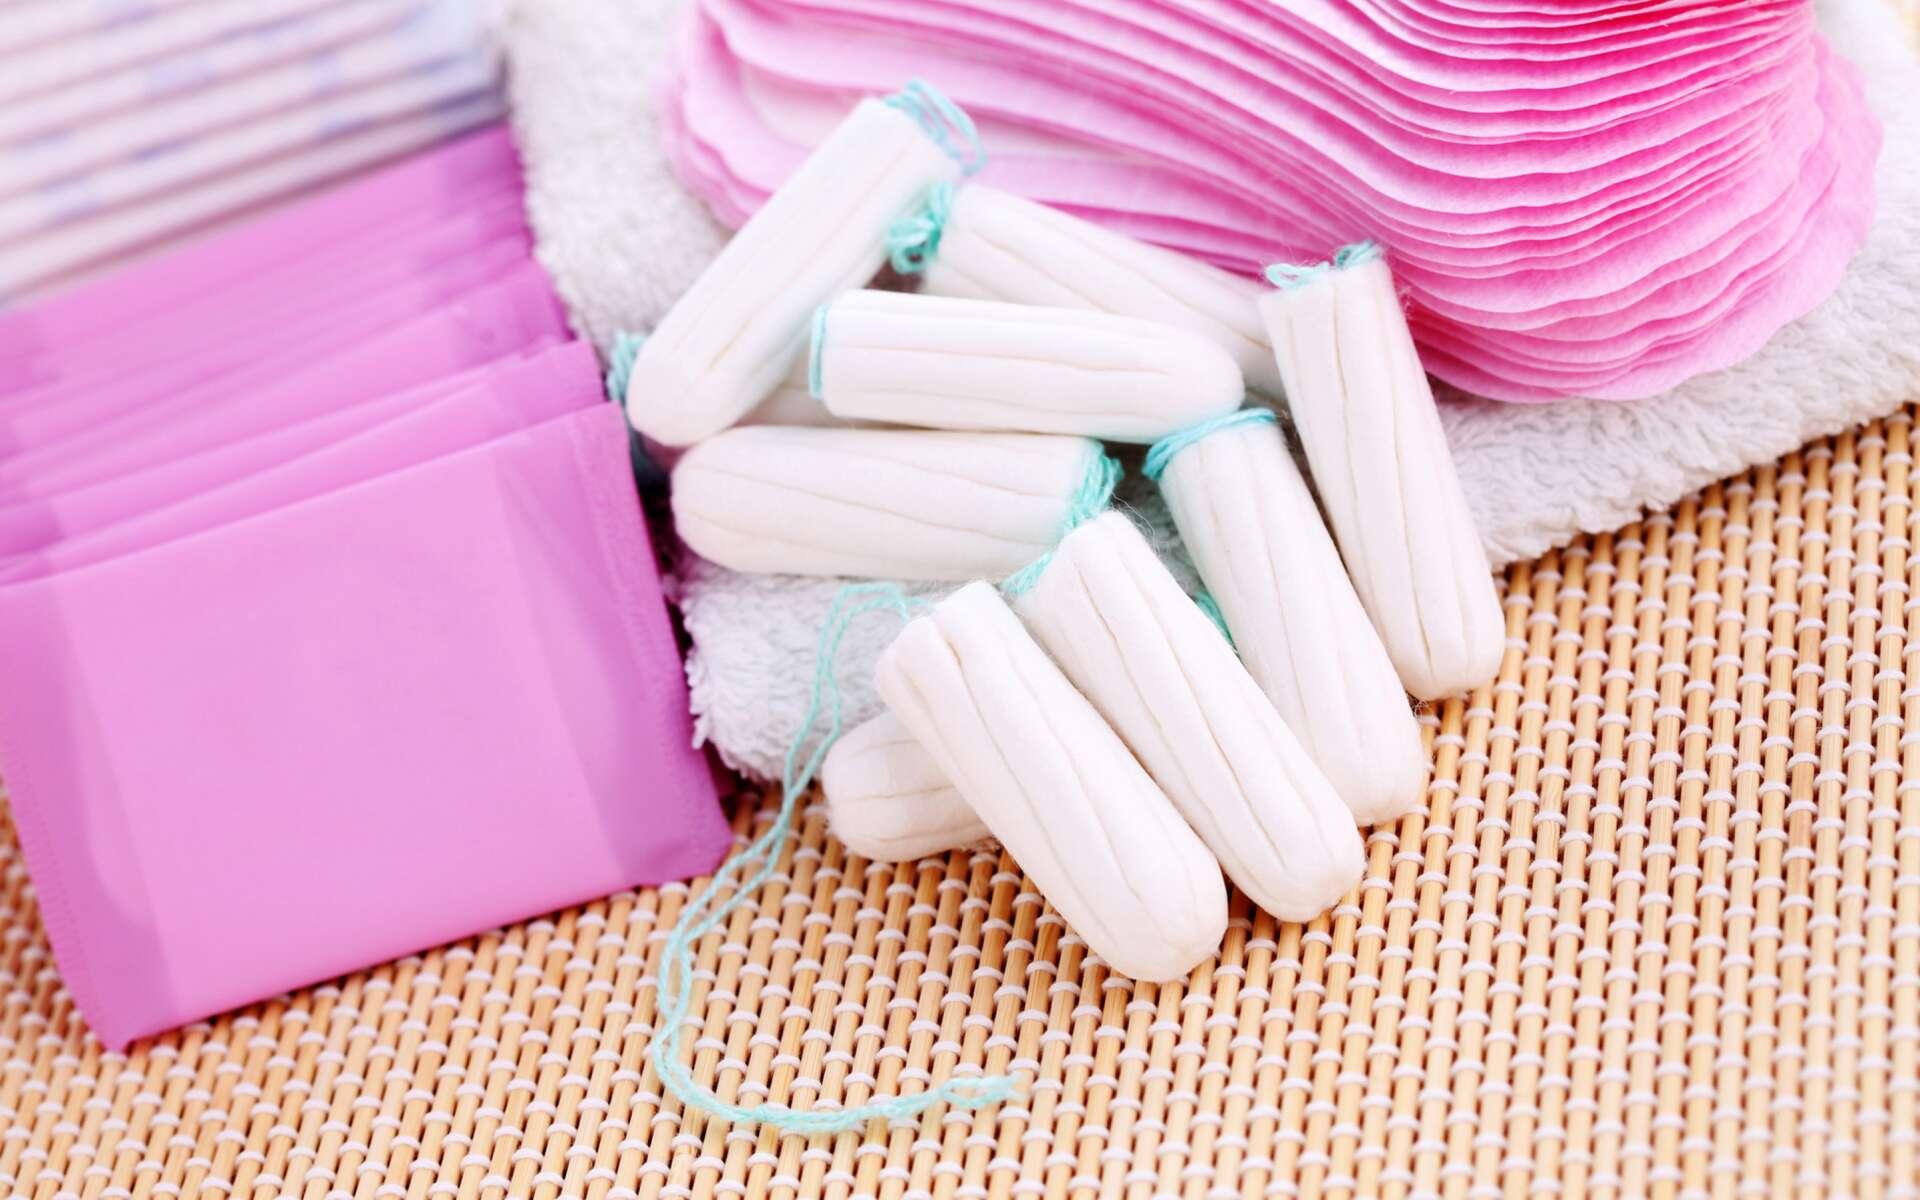 L'Anses demande aux fabricants plus d'informations sur les conditions d'utilisation des protections intimes internes. Une mauvaise hygiène pouvant être à l'origine d'un choc toxique menstruel. © matka_Wariatka, IStock.com